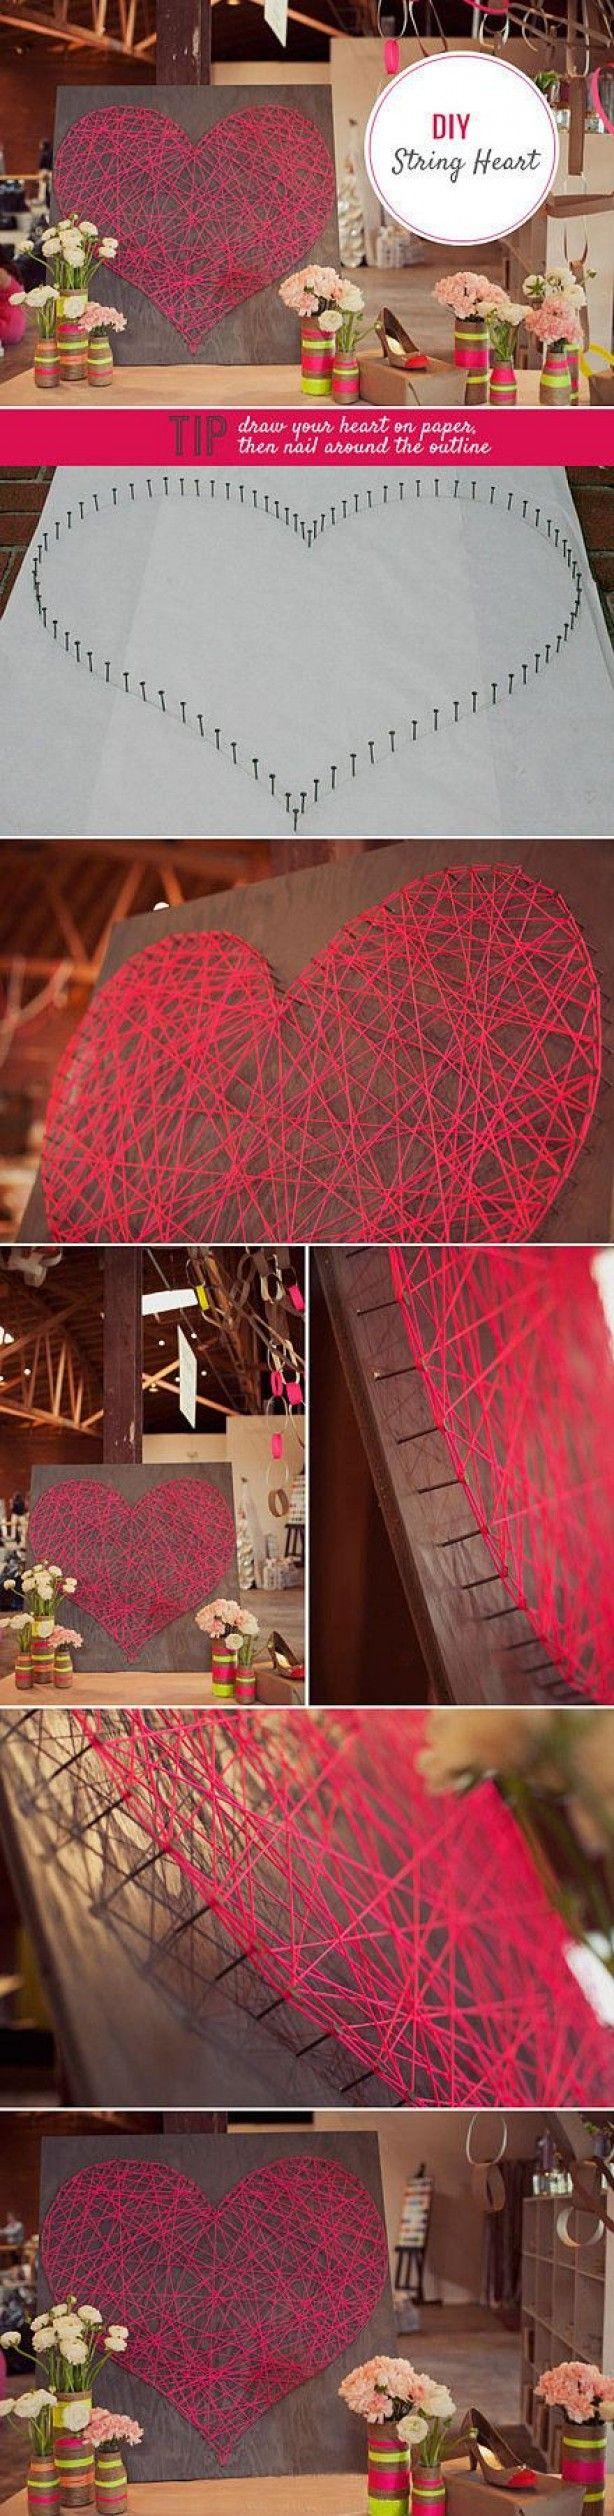 super leuke wanddecoratie! ech super leuk. #DIY String heart